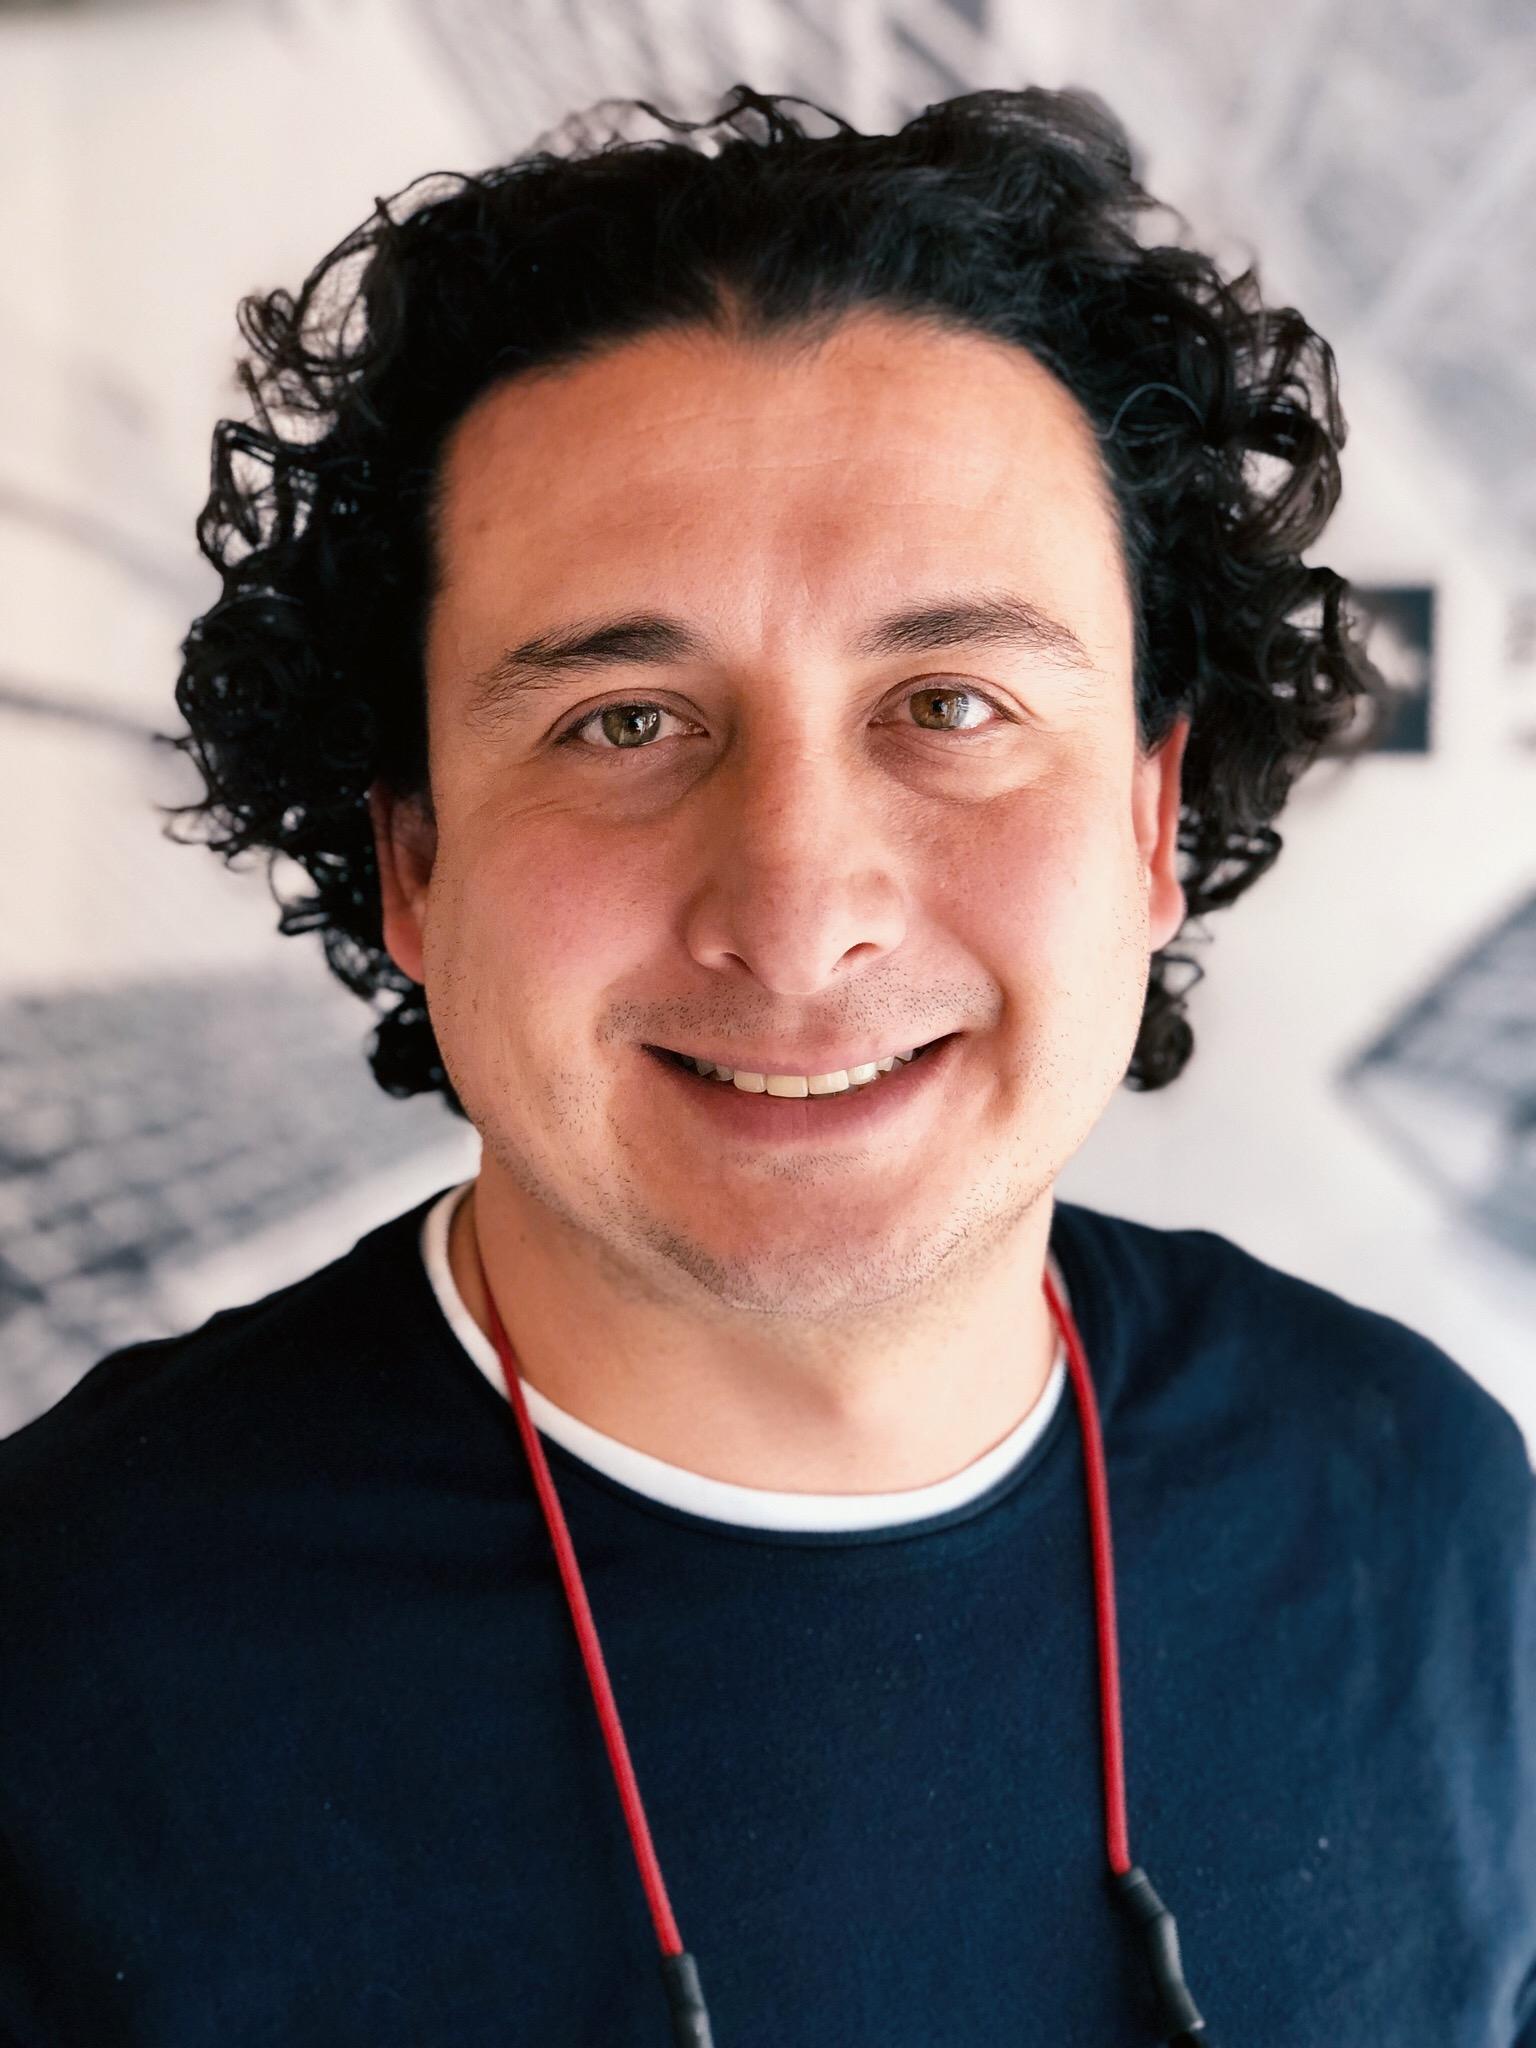 PABLO MERCADO - _Director